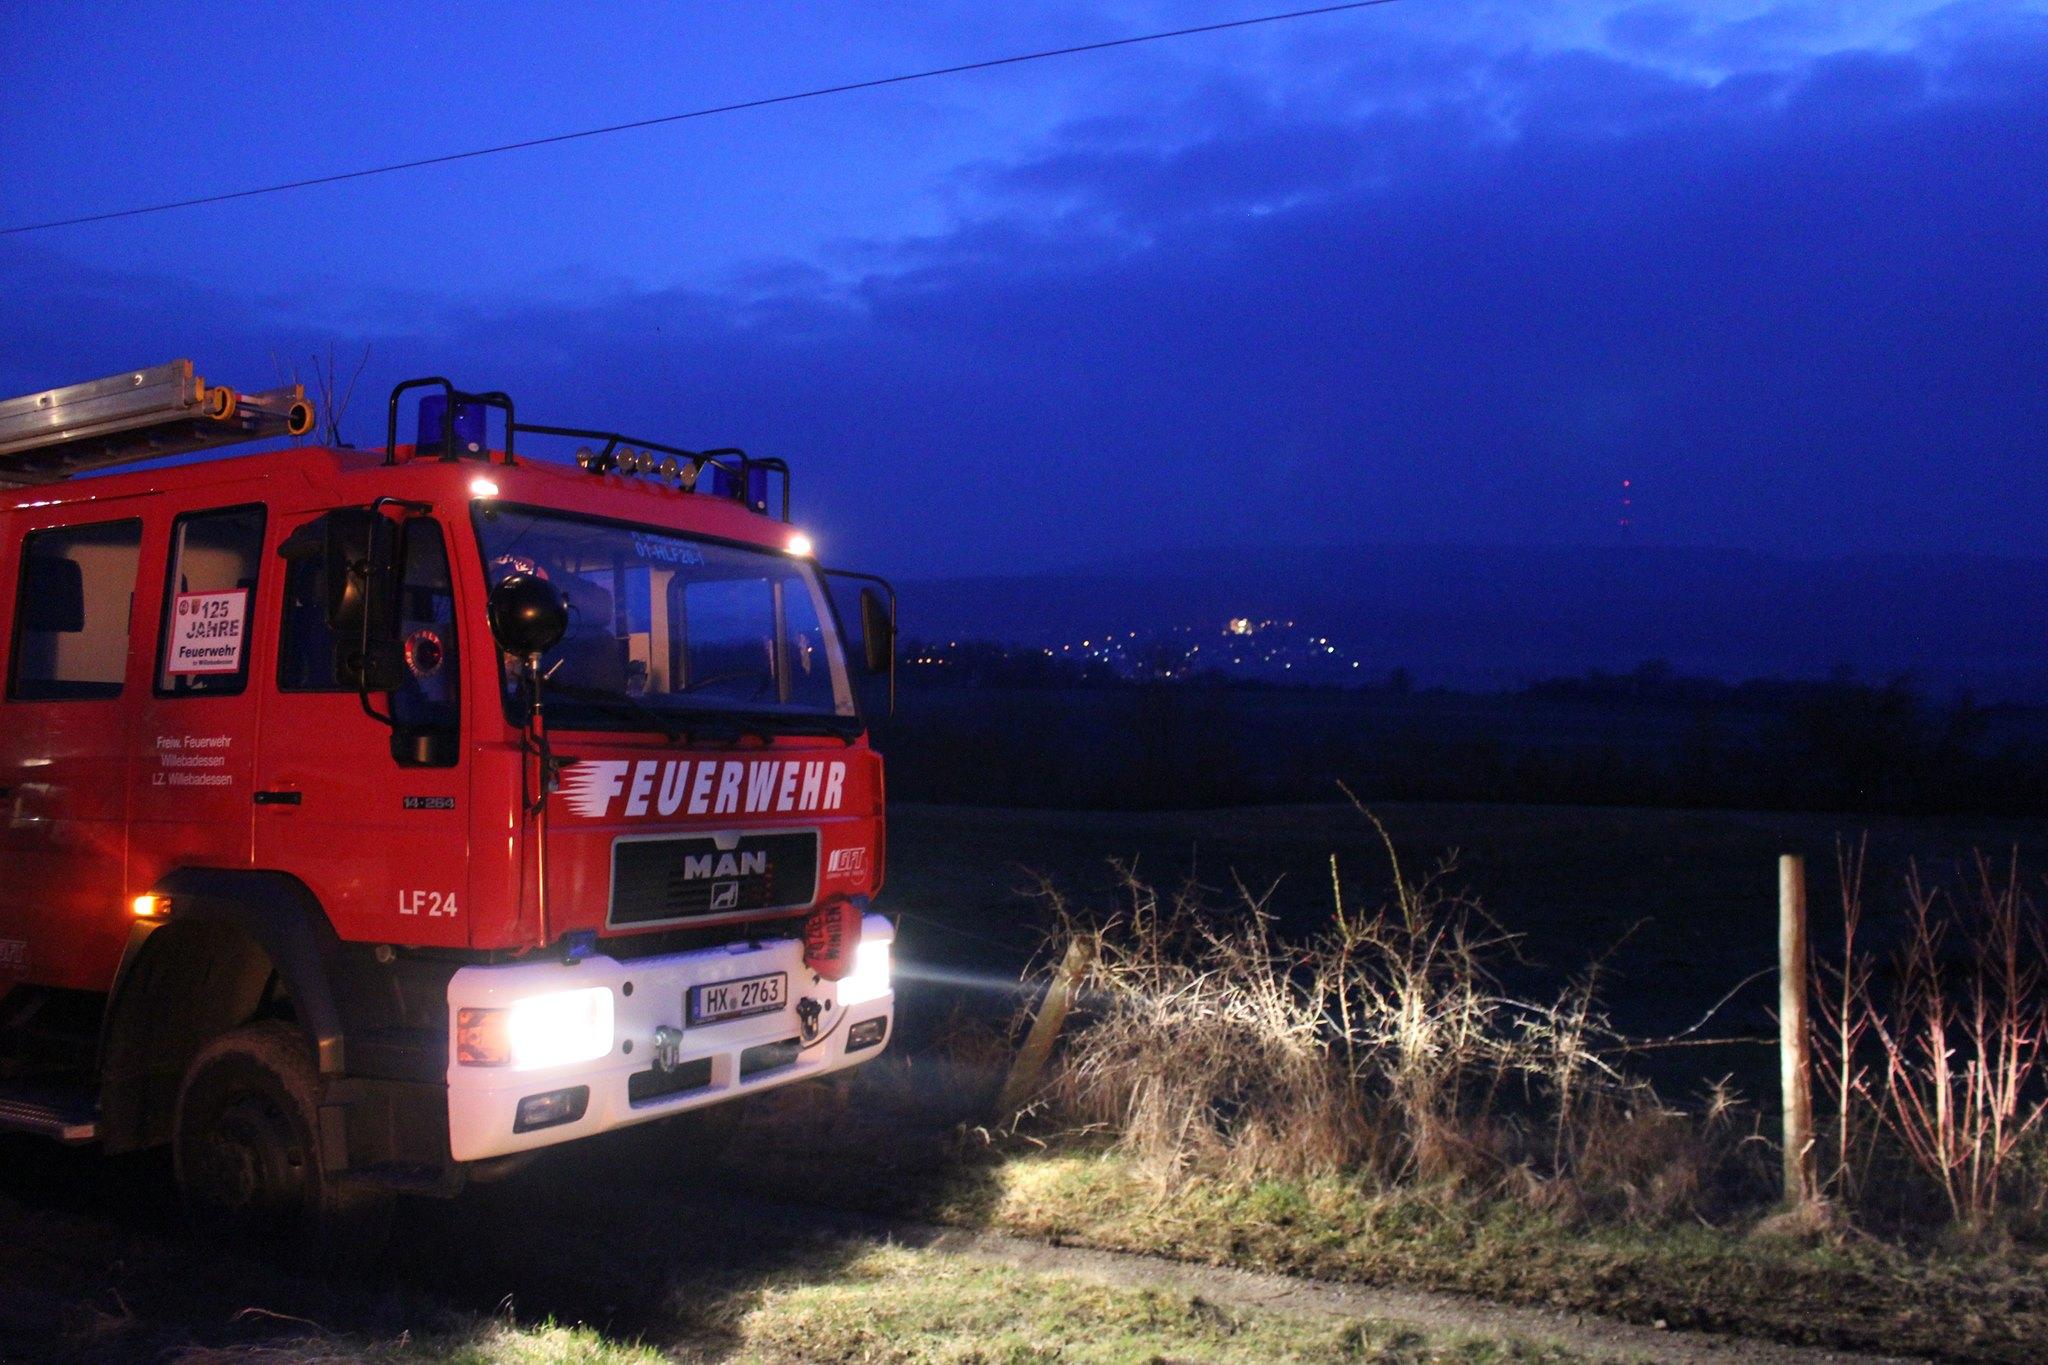 Löschzug und Jugendfeuerwehr Willebadessen, Freiwillige Feuerwehr Willebadessen